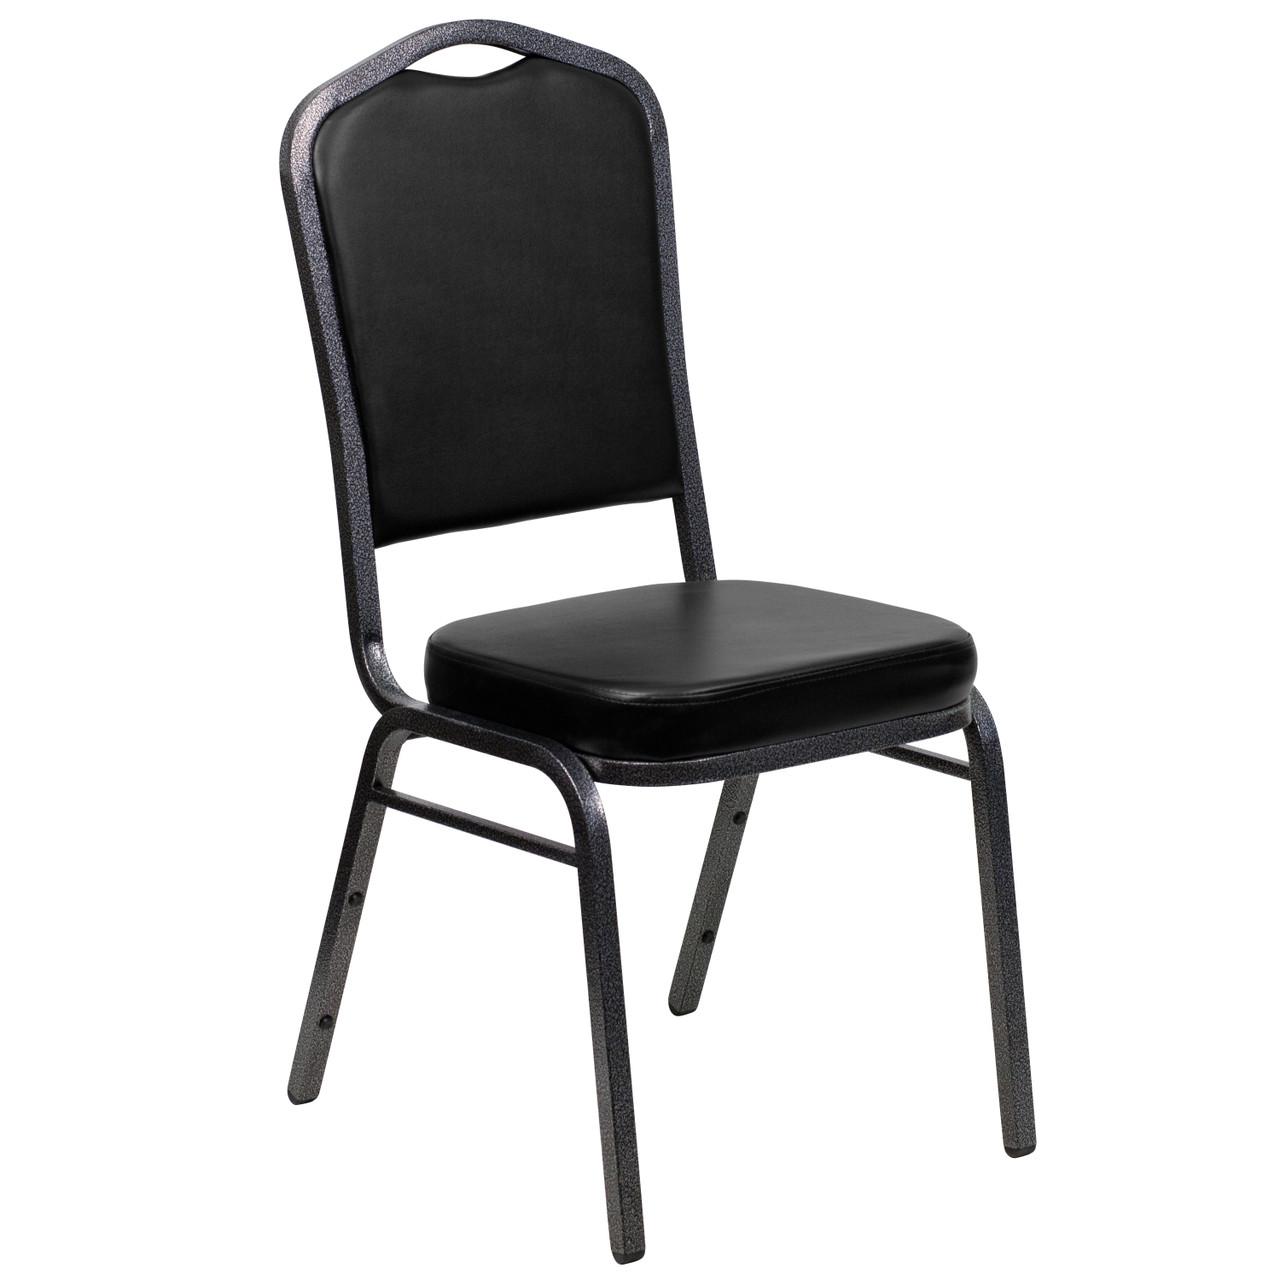 Advantage Crown Back Stacking Banquet Chair In Black Vinyl Silver Vein Frame Fd C01 Silvervein Bk Vy Gg